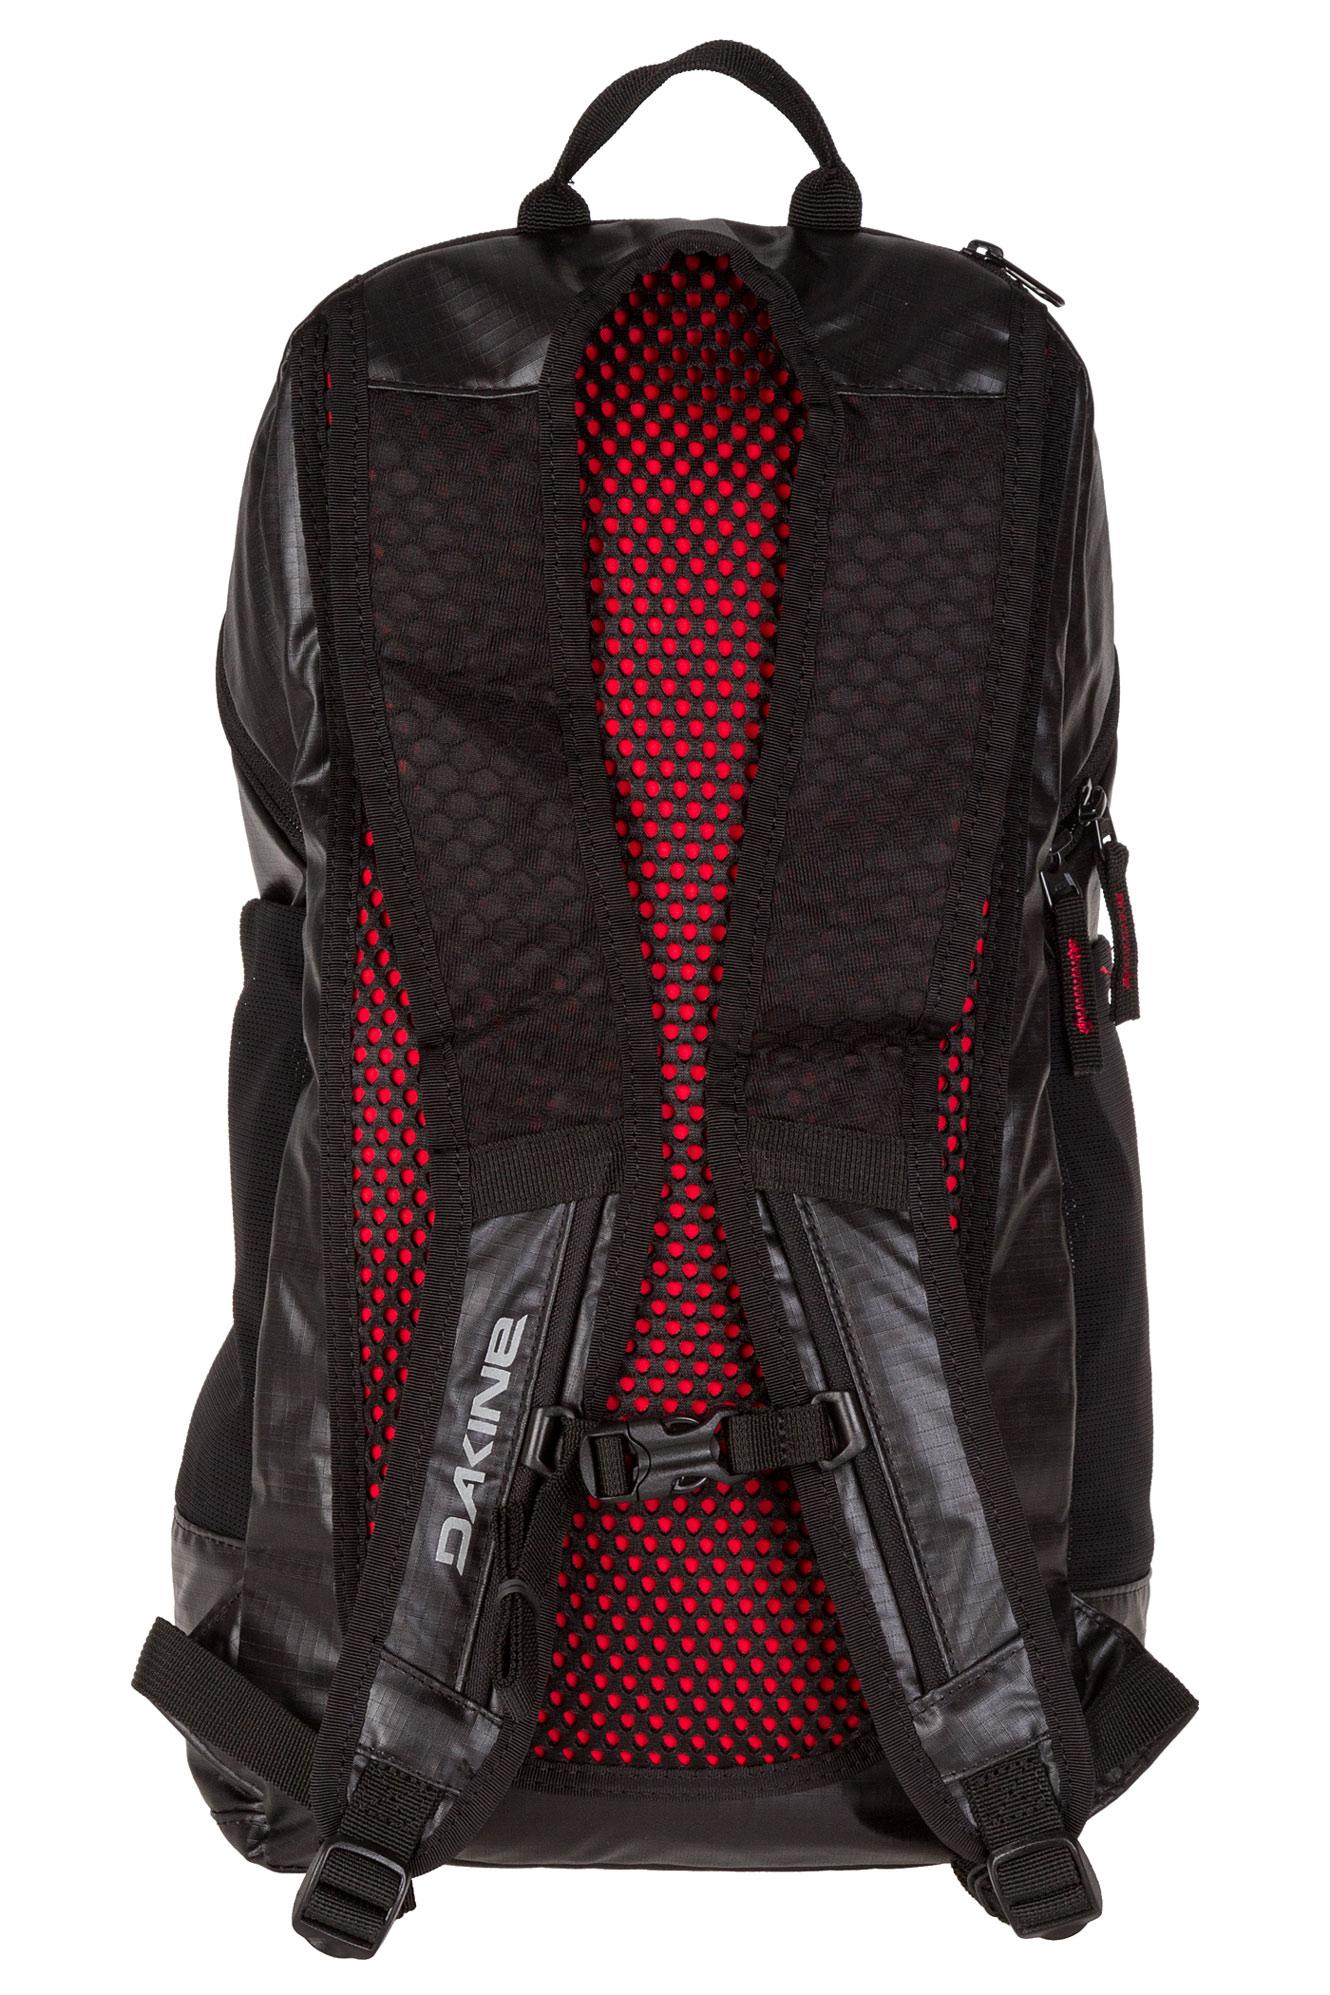 dakine wonder sport backpack 18l storm buy at skatedeluxe. Black Bedroom Furniture Sets. Home Design Ideas